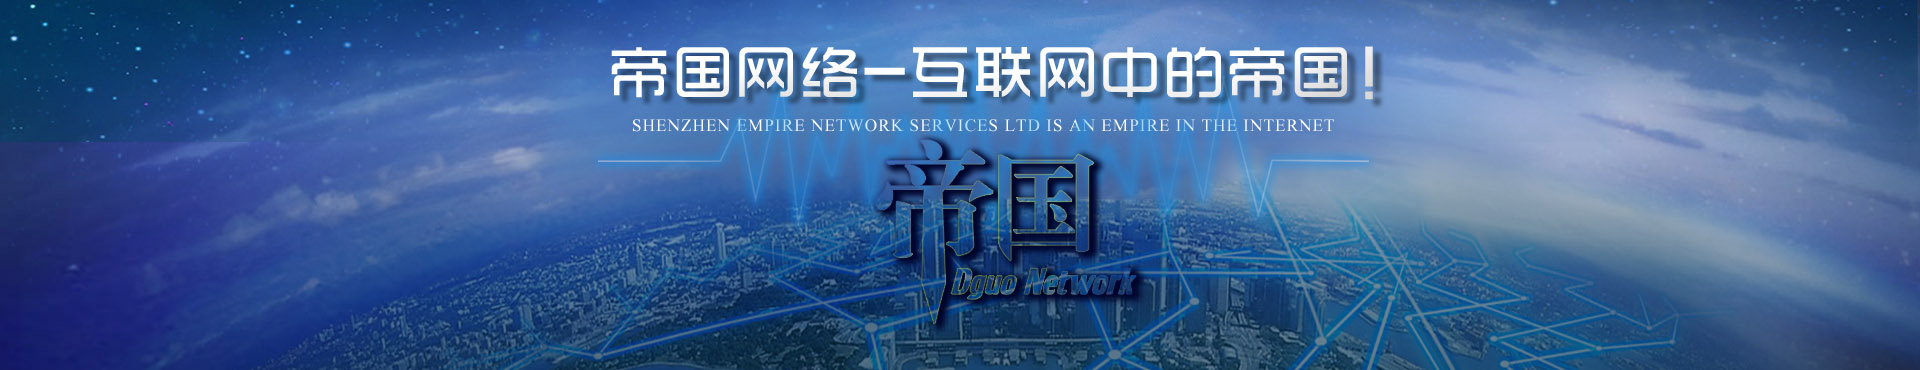 H5网站发展趋势分析 上海最好的H5网站建设公司有哪些公司